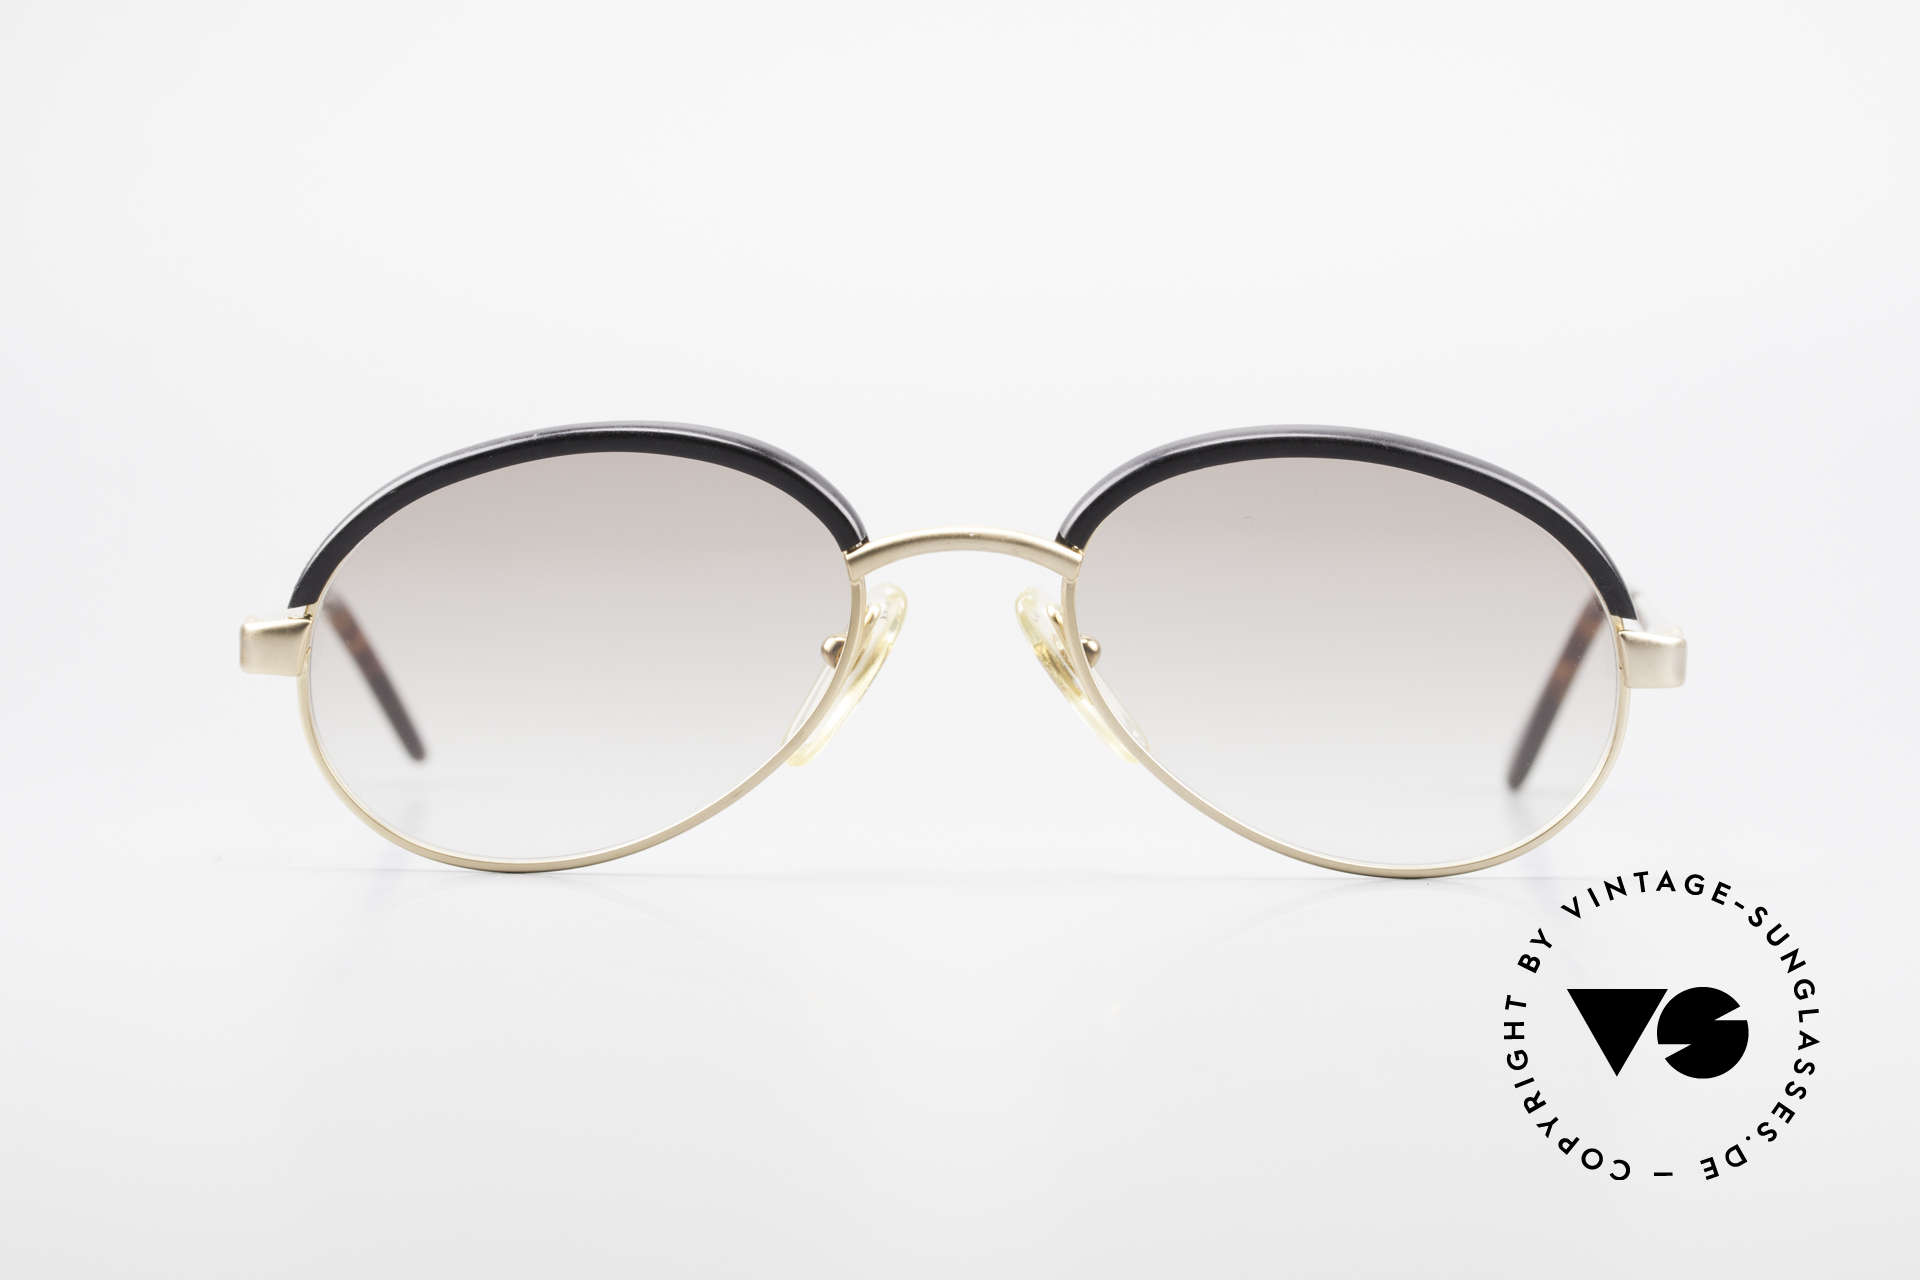 Bugatti 03180 Old Classic Bugatti Sunglasses, made around 1990 in France; top craftsmanship, Made for Men